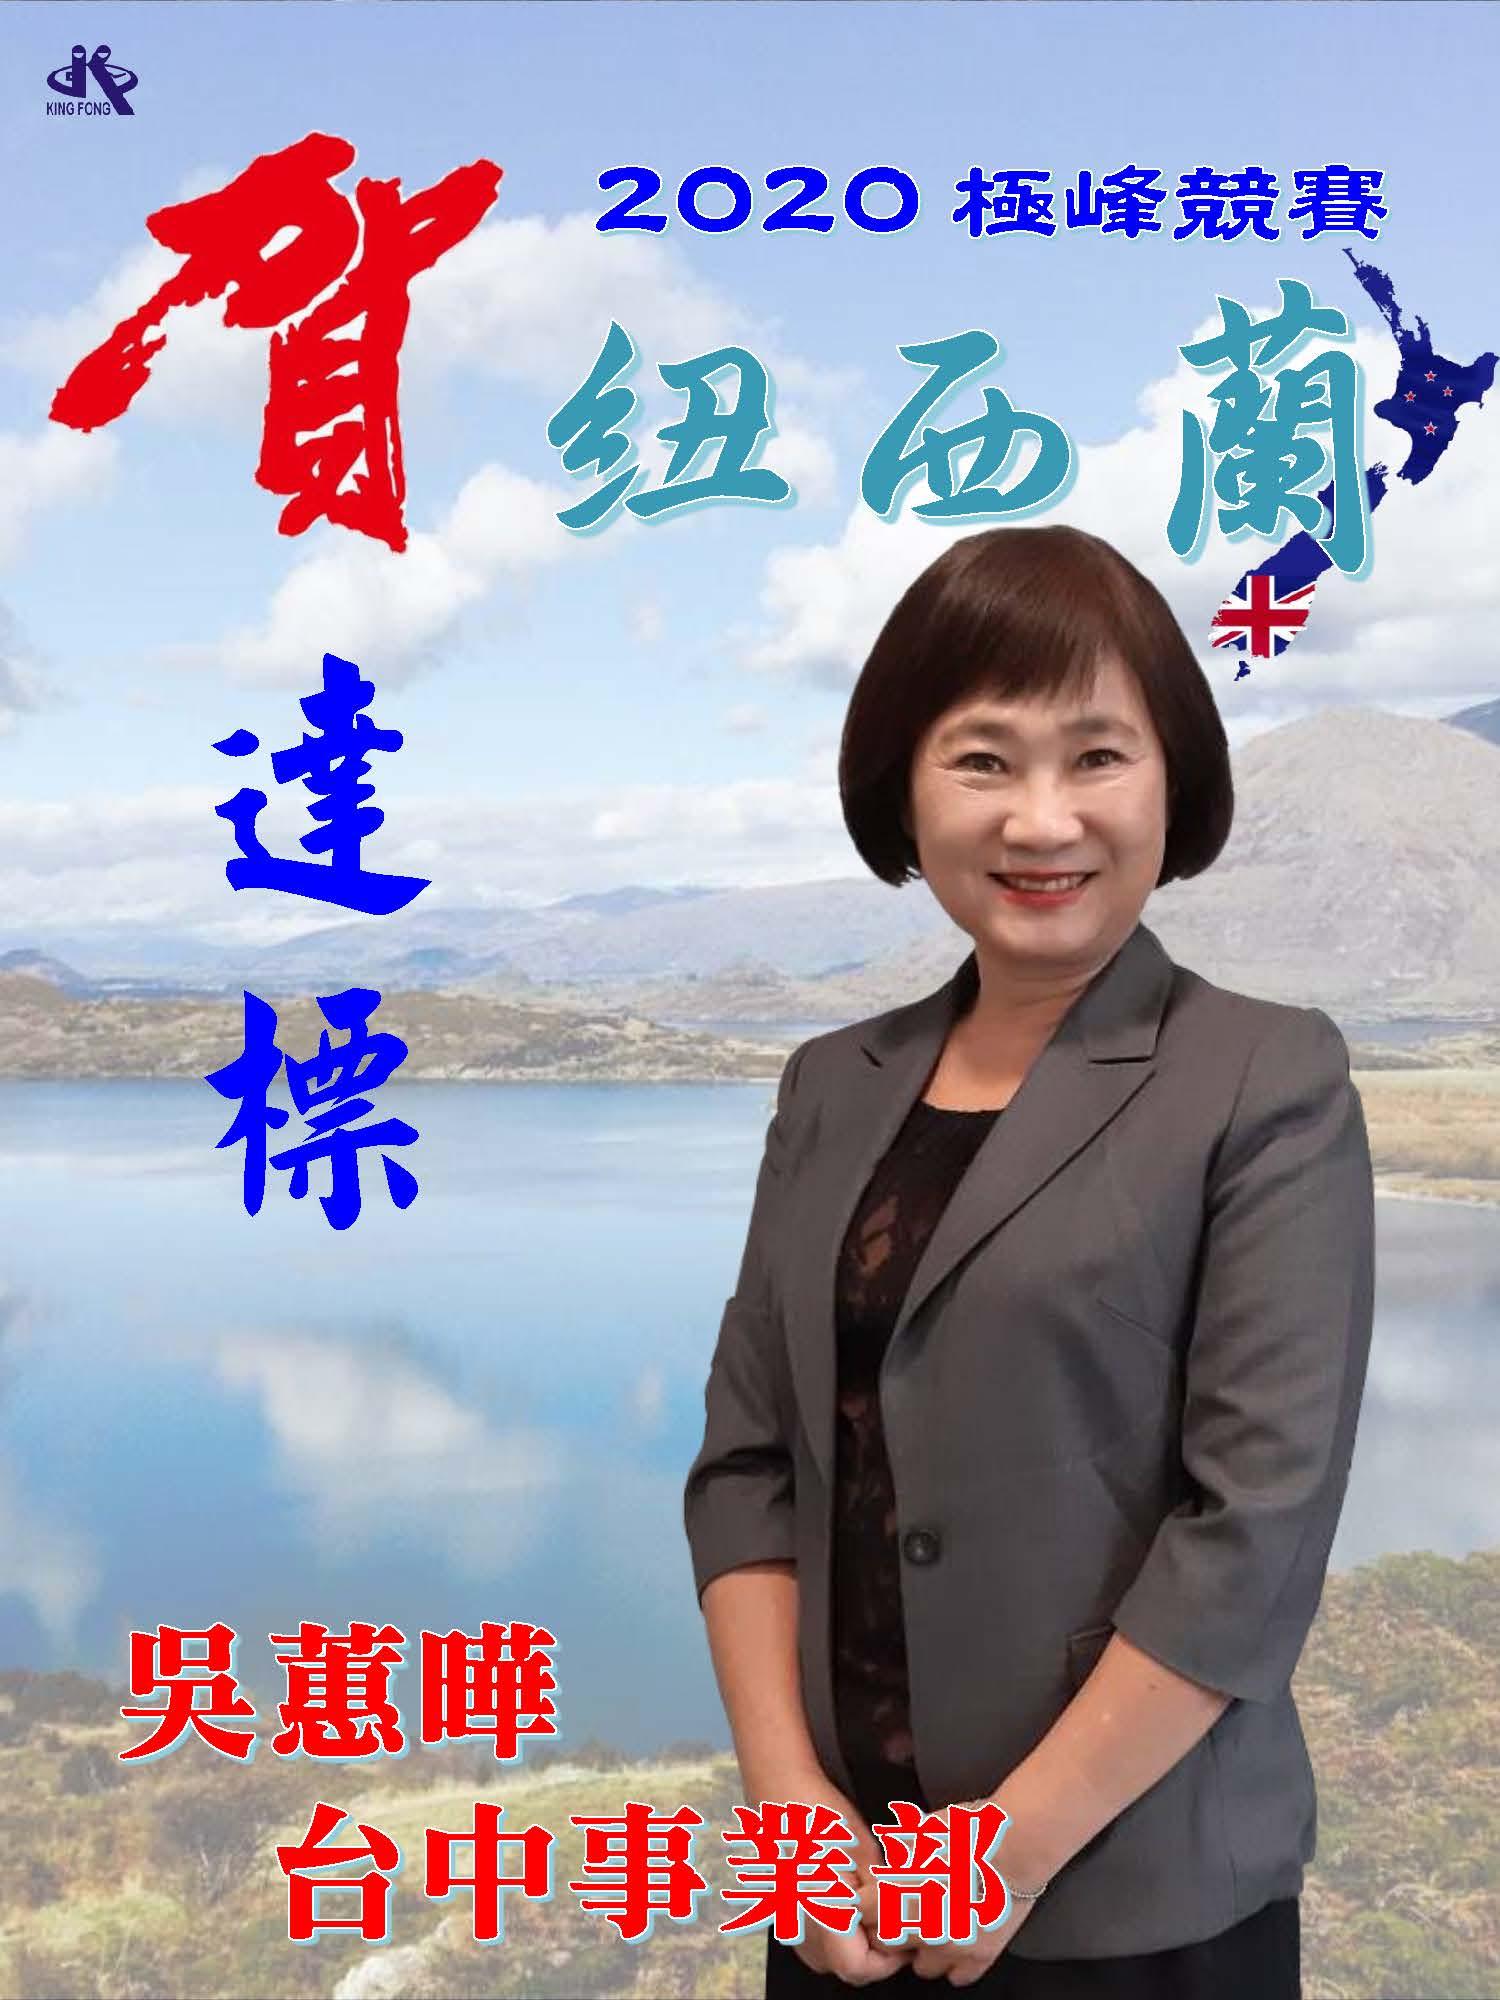 20200611-2020年極峰競賽紐西蘭英雄榜-吳蕙曄